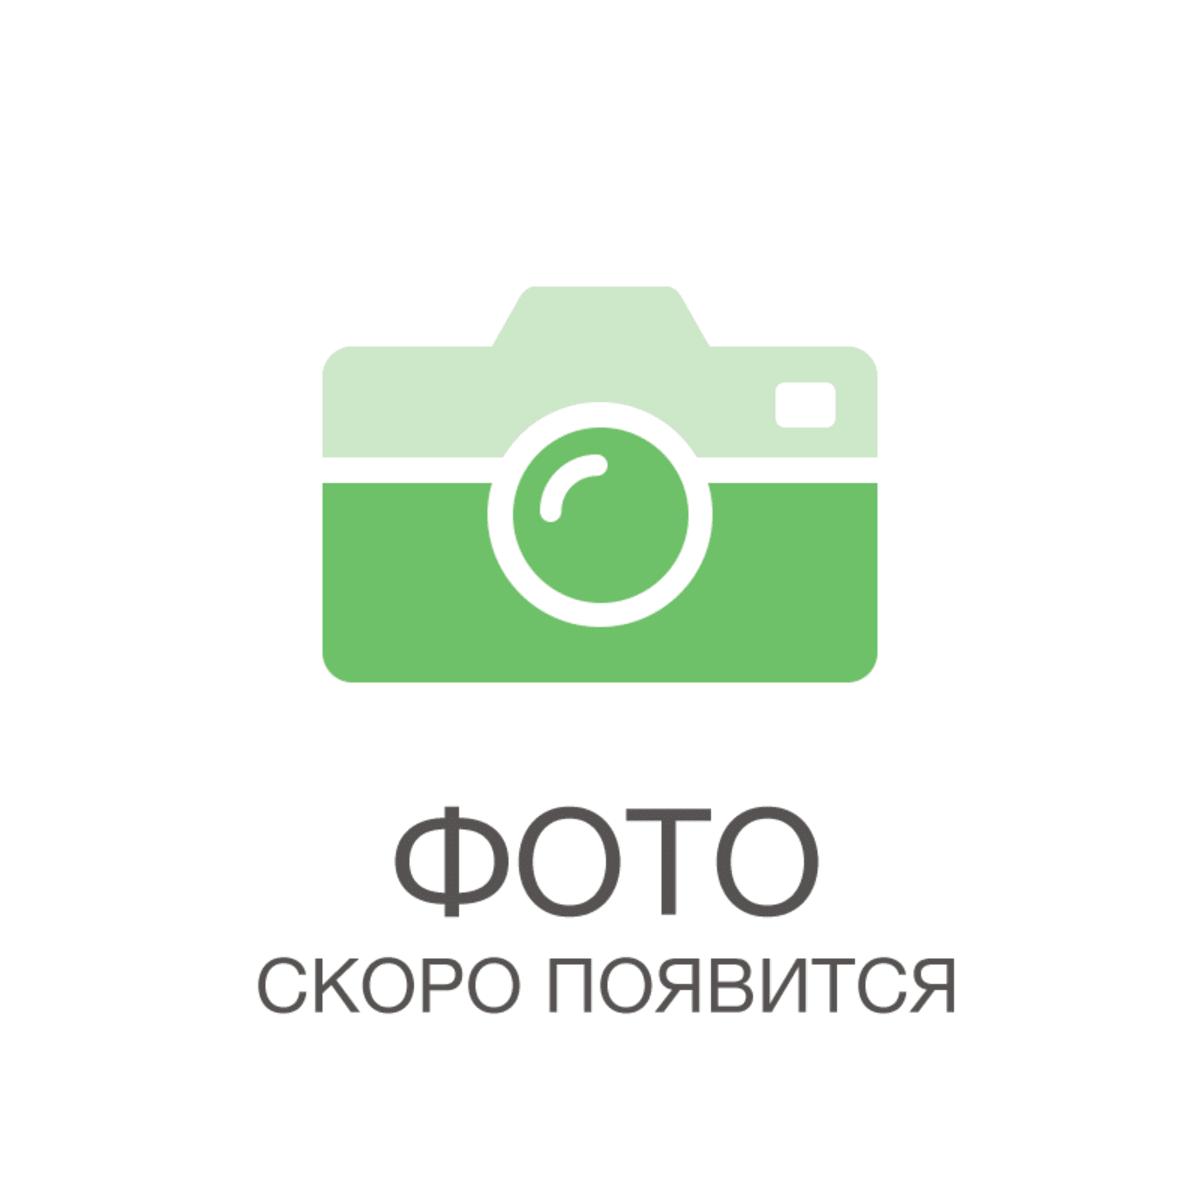 Сетка маскировочная 2x3 м, цвет зелёный/коричневый